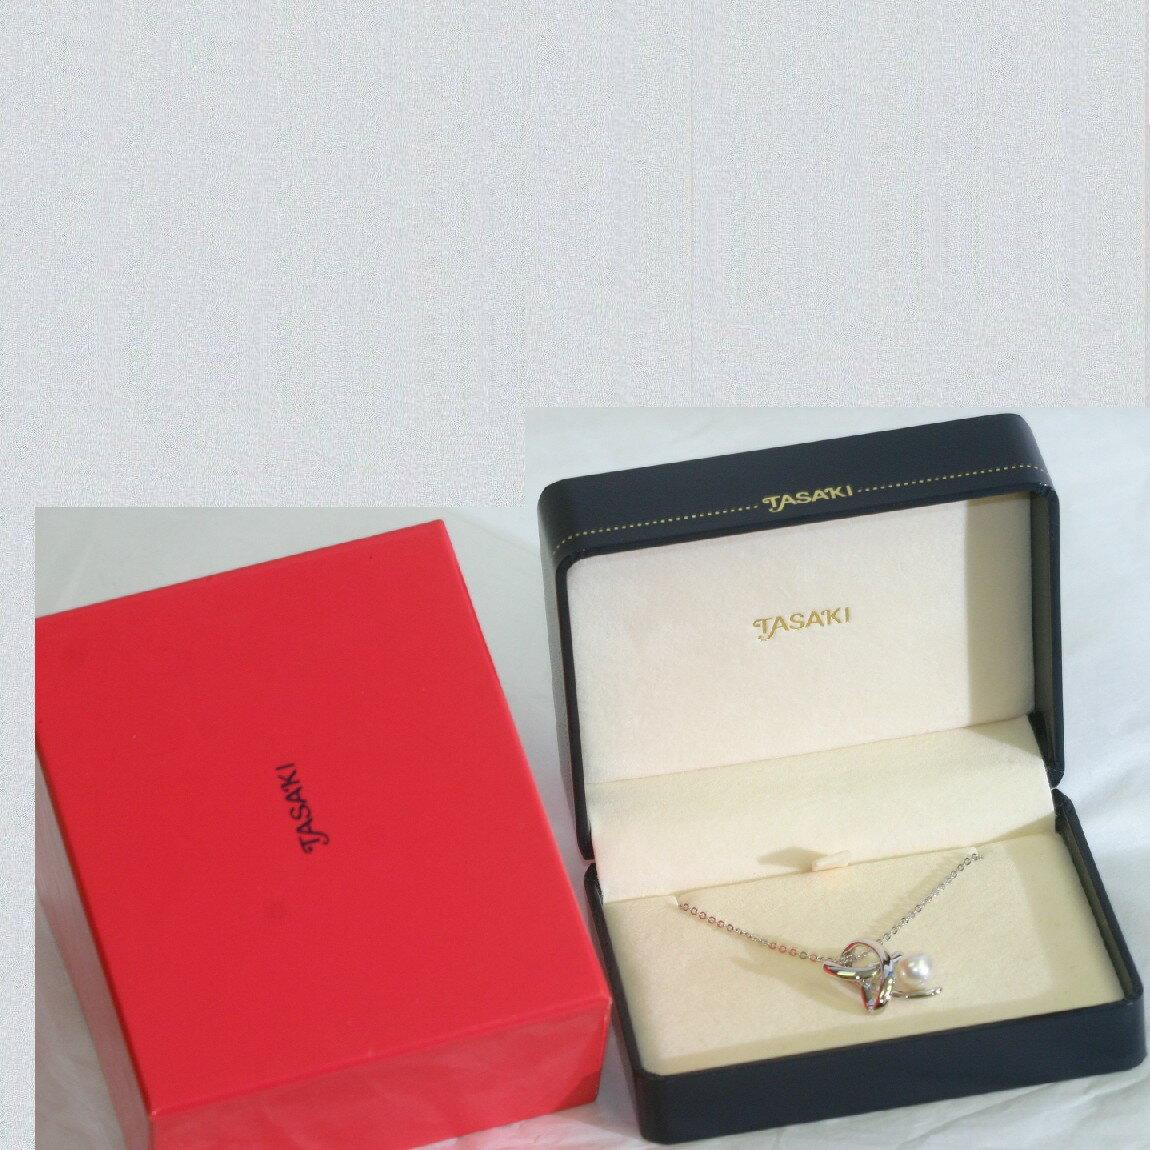 【中古】本物新品同様田崎の直径7mmのシルバーグレー色の真珠の付いたチェーンネックレス